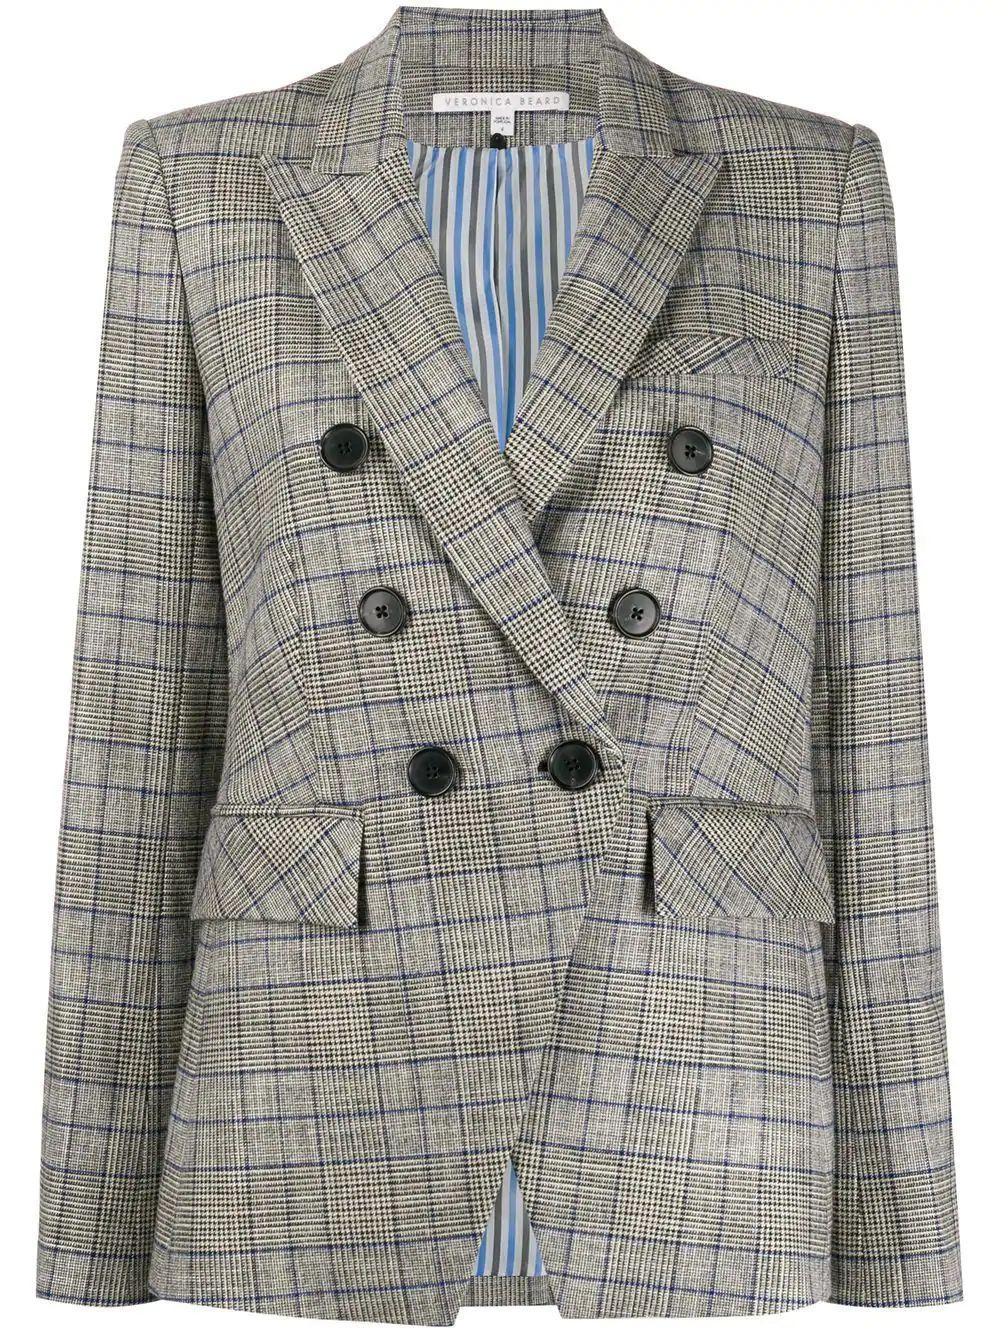 Miller Dickey Plaid Jacket Item # 1911PL0261492